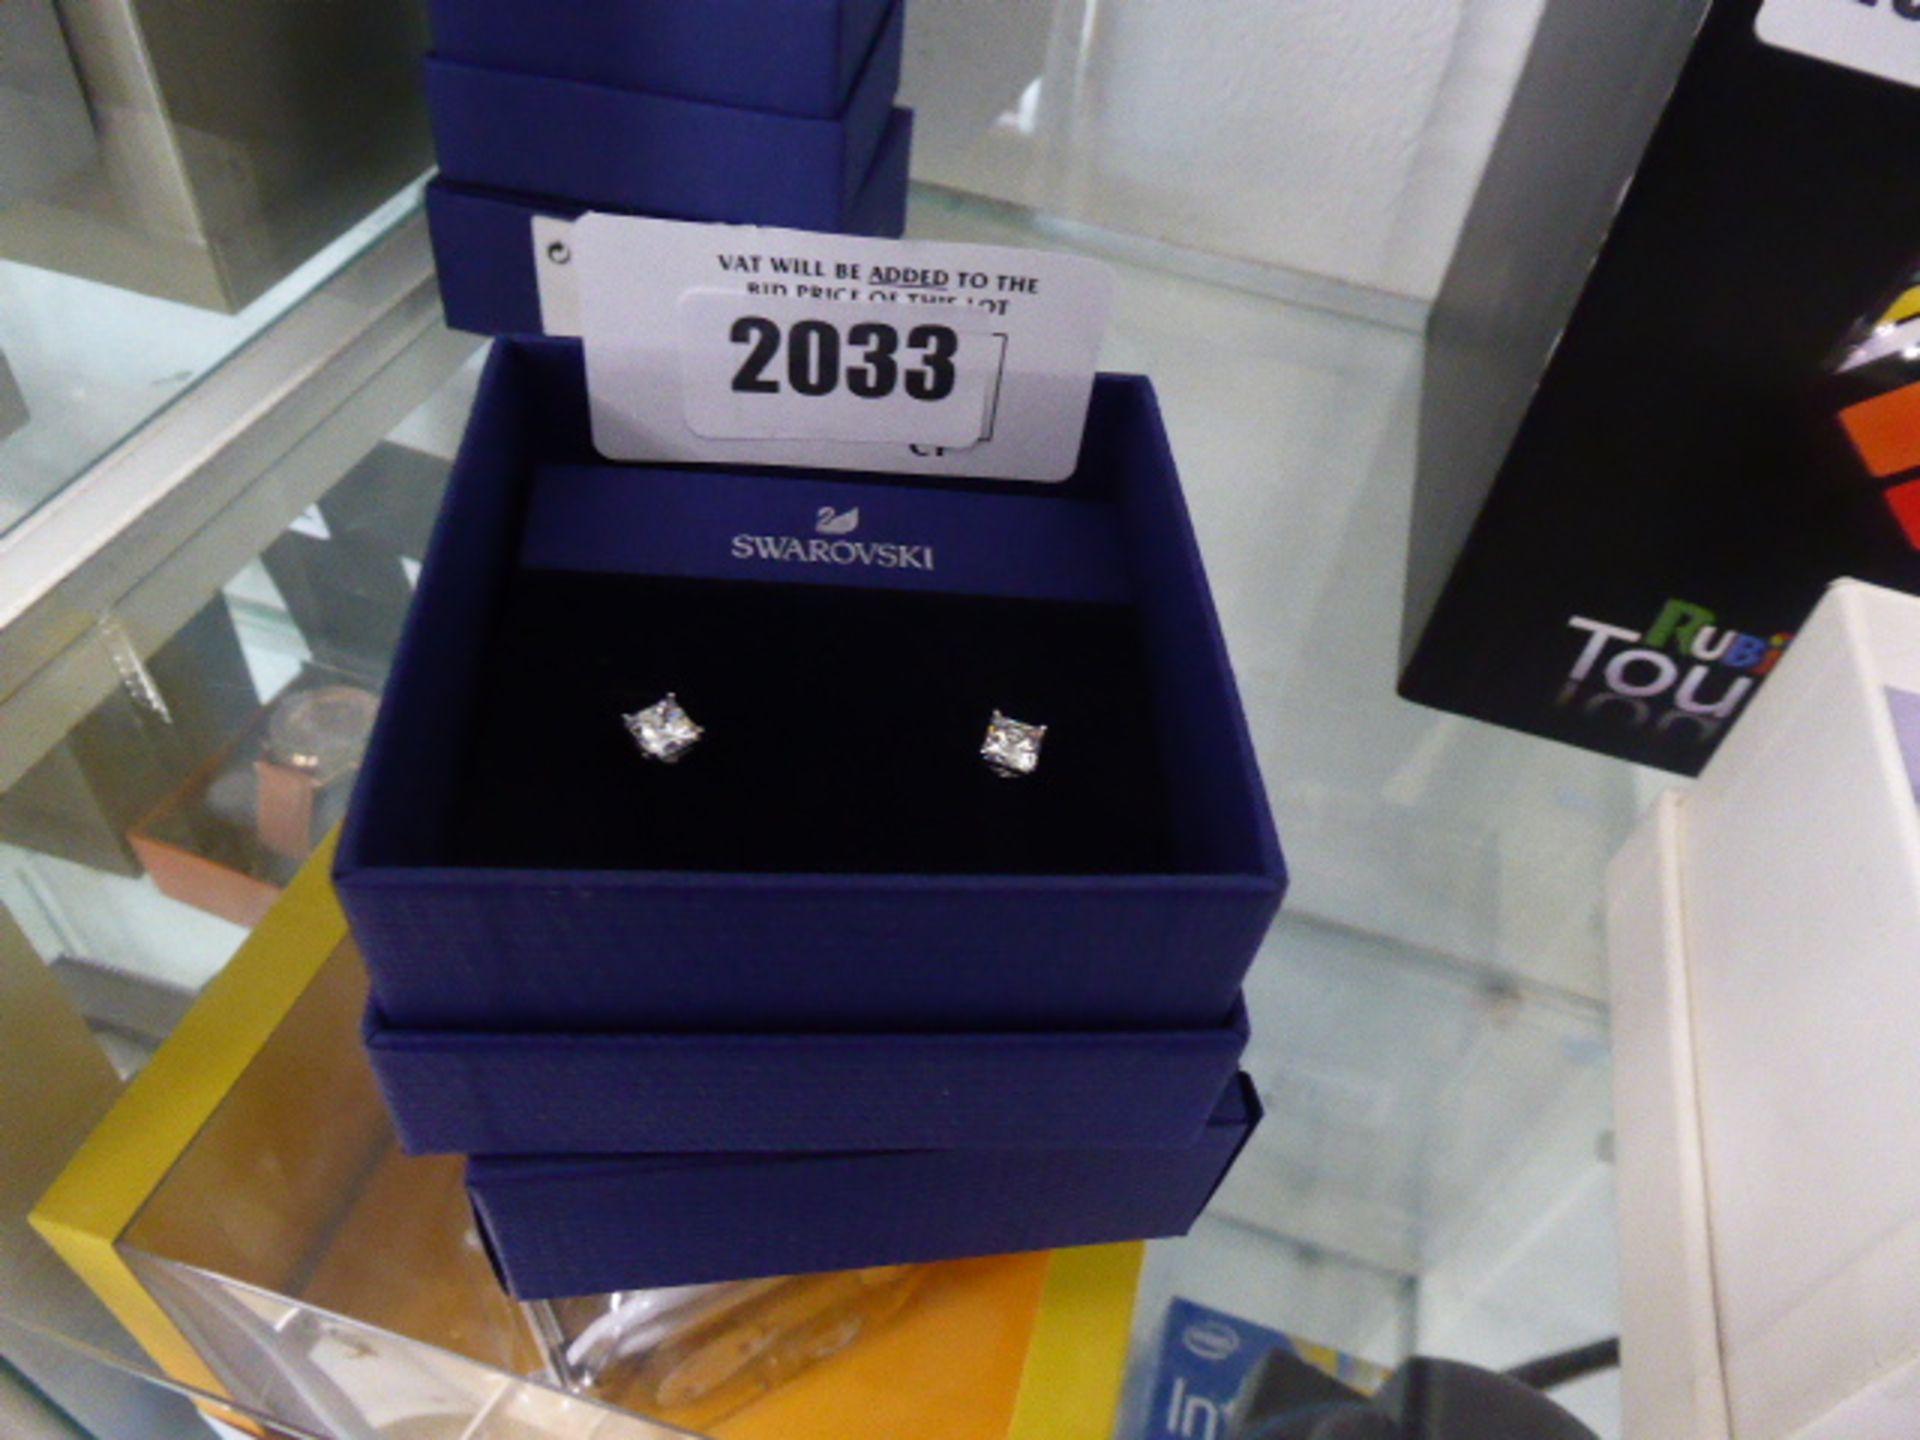 Lot 2033 - Swarovski stud earrings in box